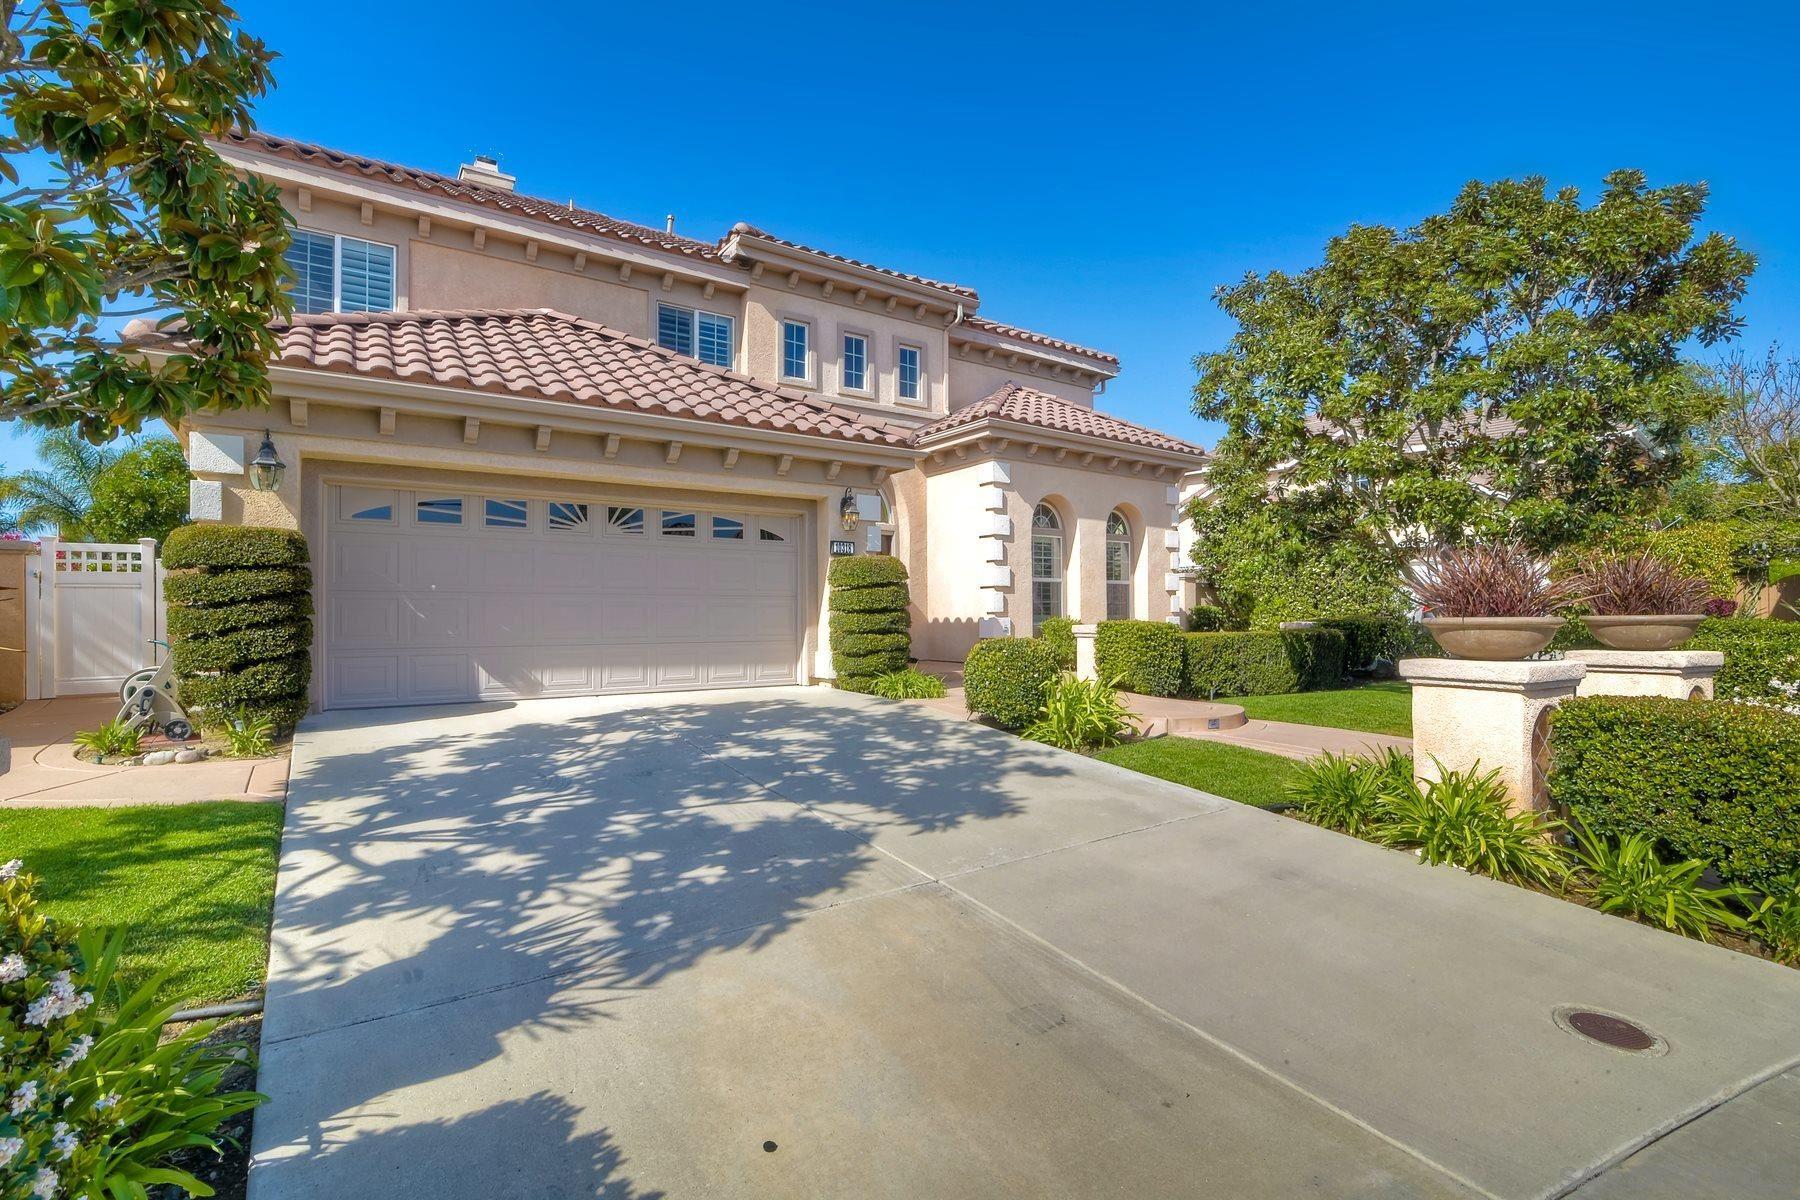 Photo of 10318 Longdale Pl, San Diego, CA 92131 (MLS # 210009531)